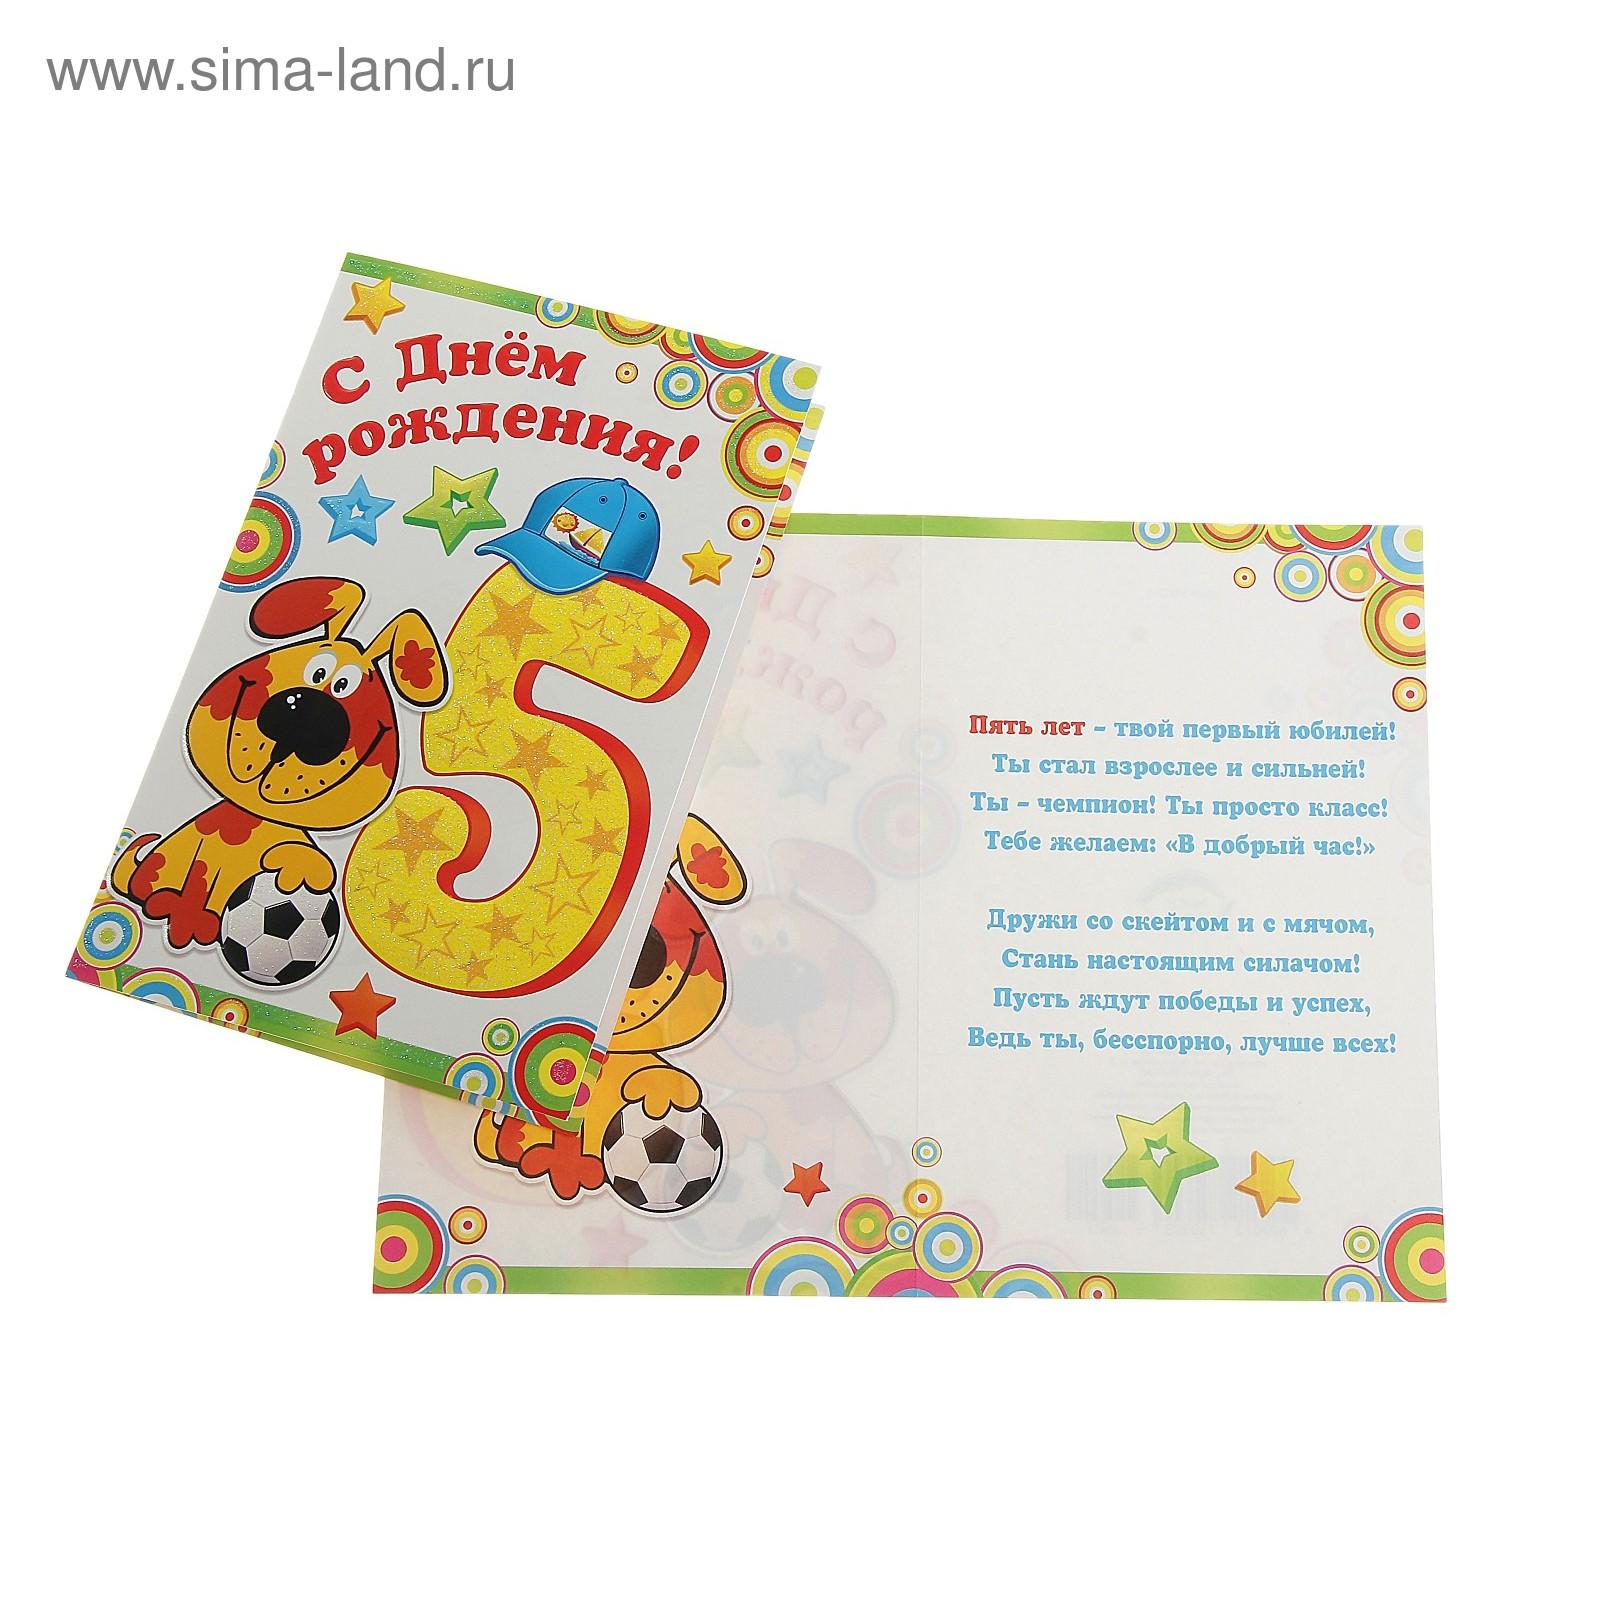 Открытки с днем рождения пять лет